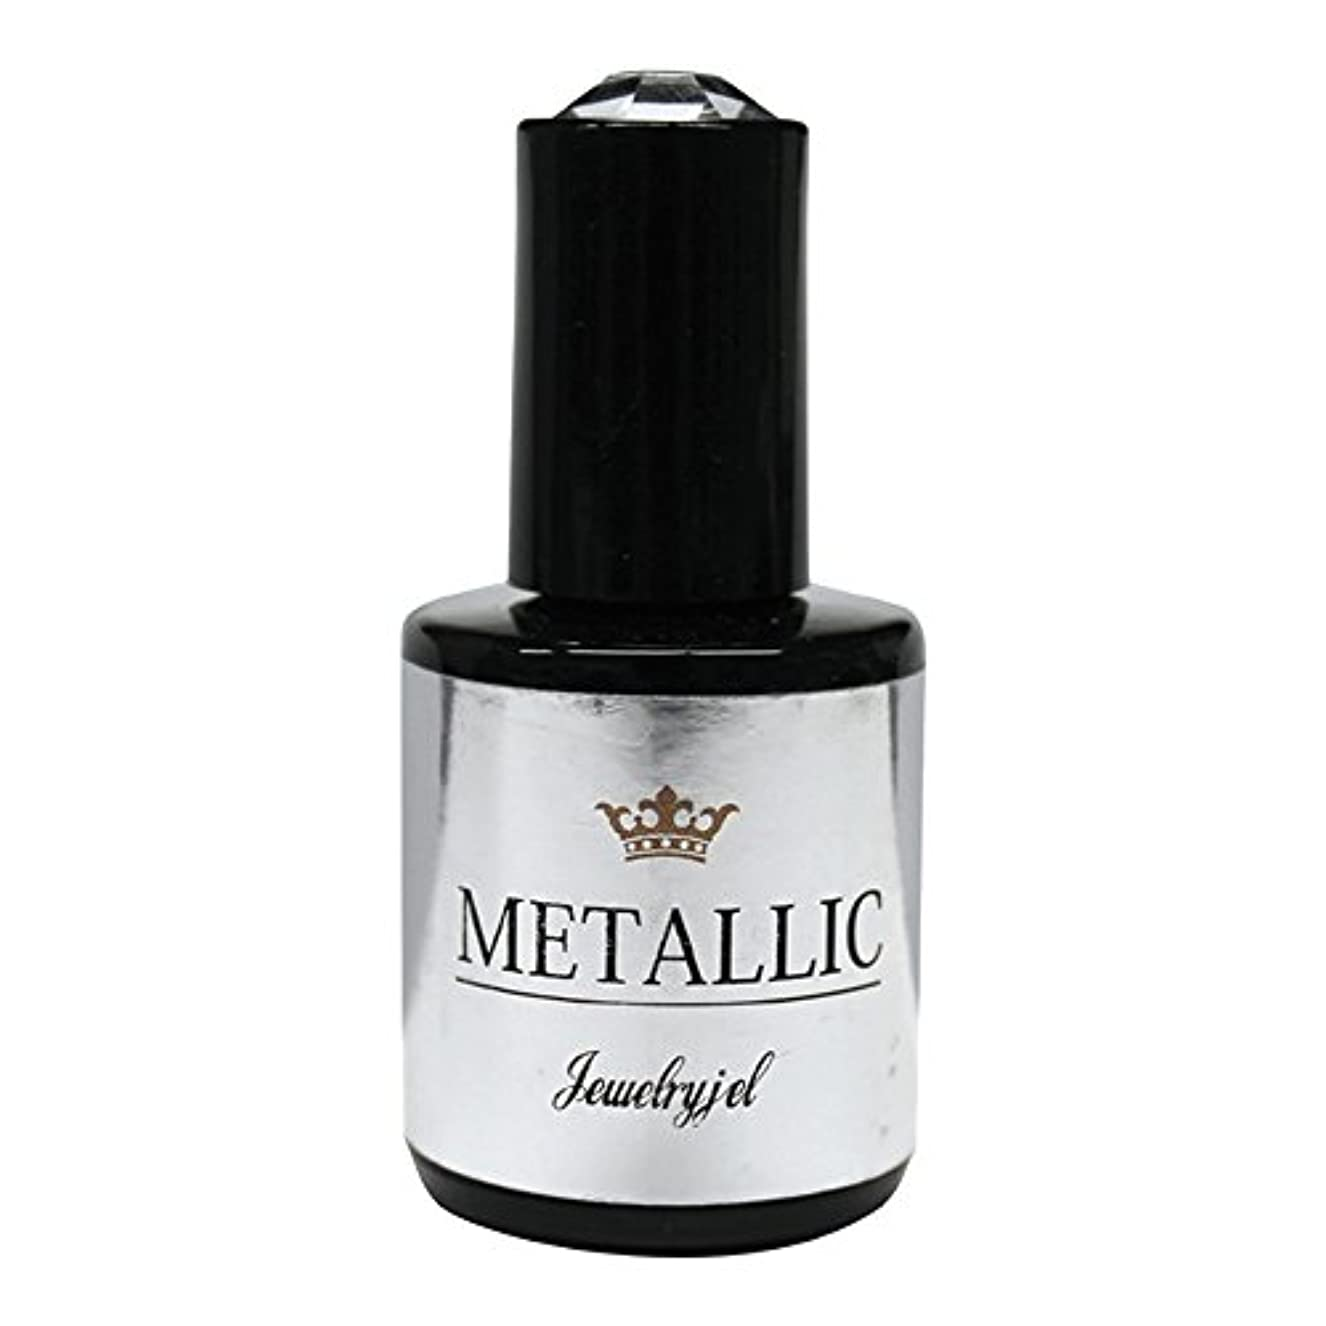 忘れる呼吸する悪質なジュエリージェル ジェルネイル メタリックカラージェル MT022 5ml   UV/LED対応 カラージェル ソークオフジェル